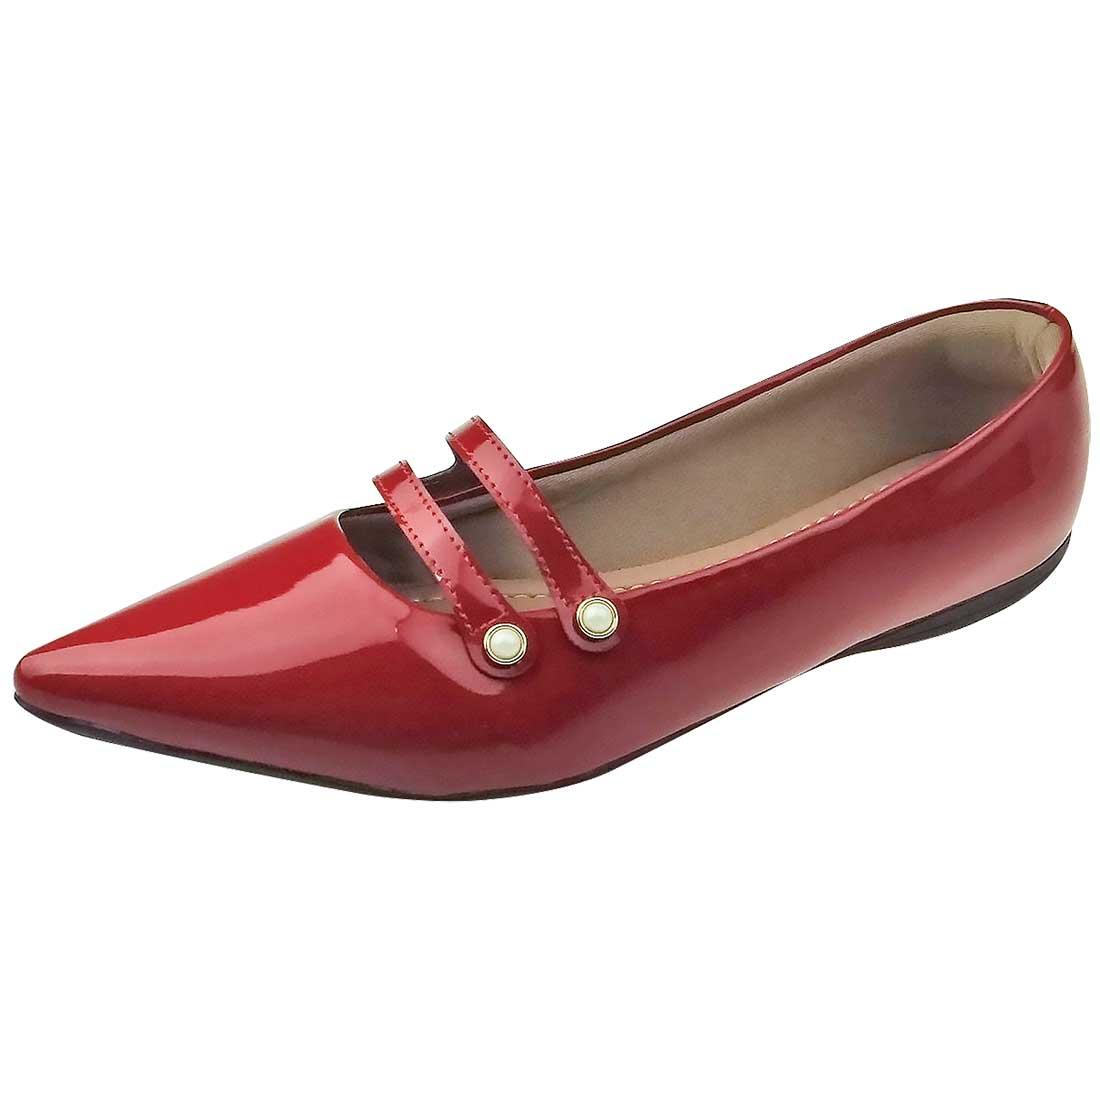 Sapatilha Bico Fino - Vermelha